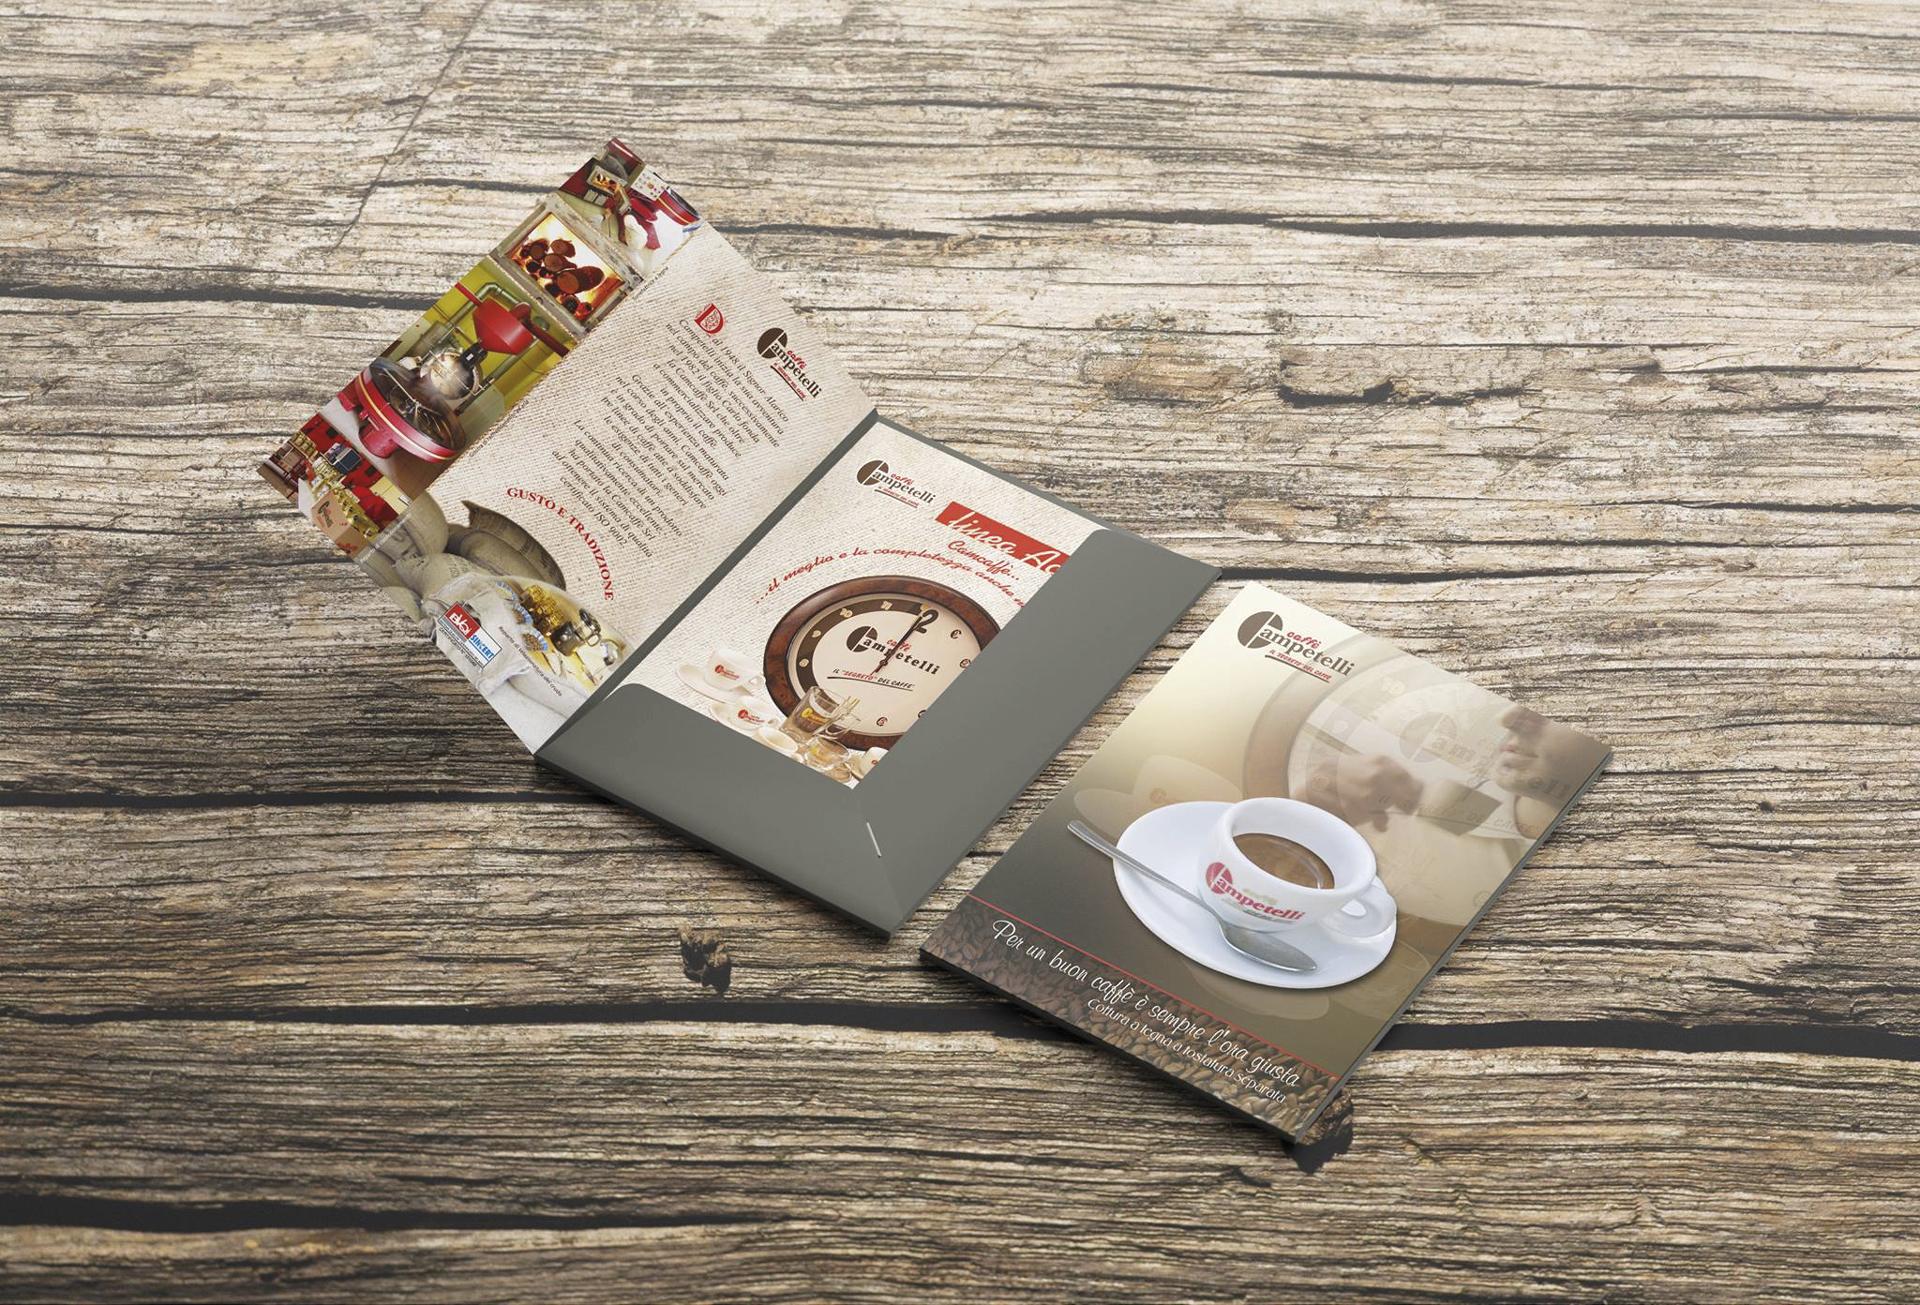 Catalogo Campetelli realizzato da Luca Zangrilli - Grafica pubblicitaria e Web a Frosinone